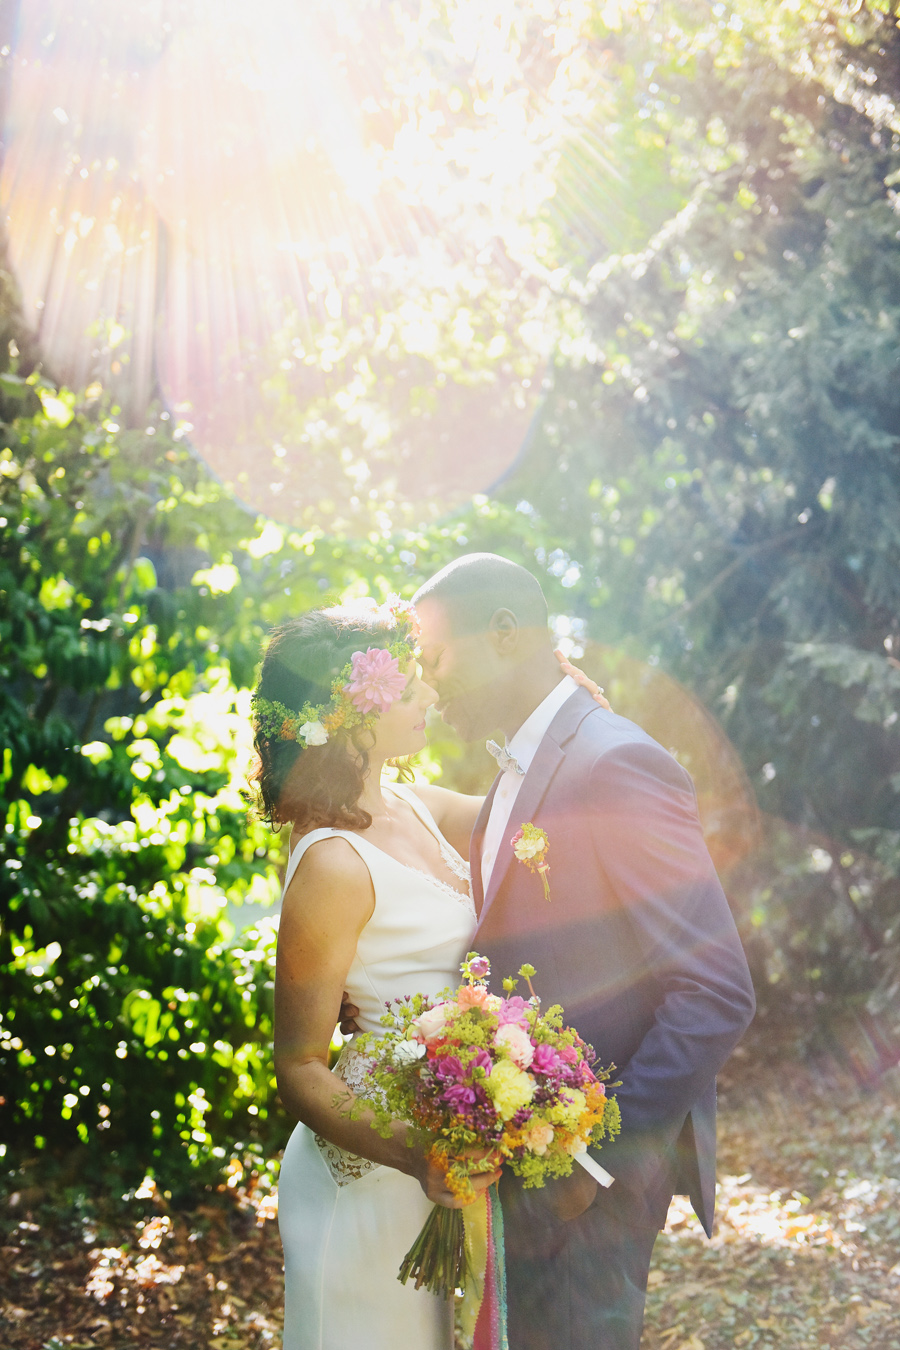 shooting_inspiration_mariage_peps_wedding_95_photographe_clemence_dubois-135